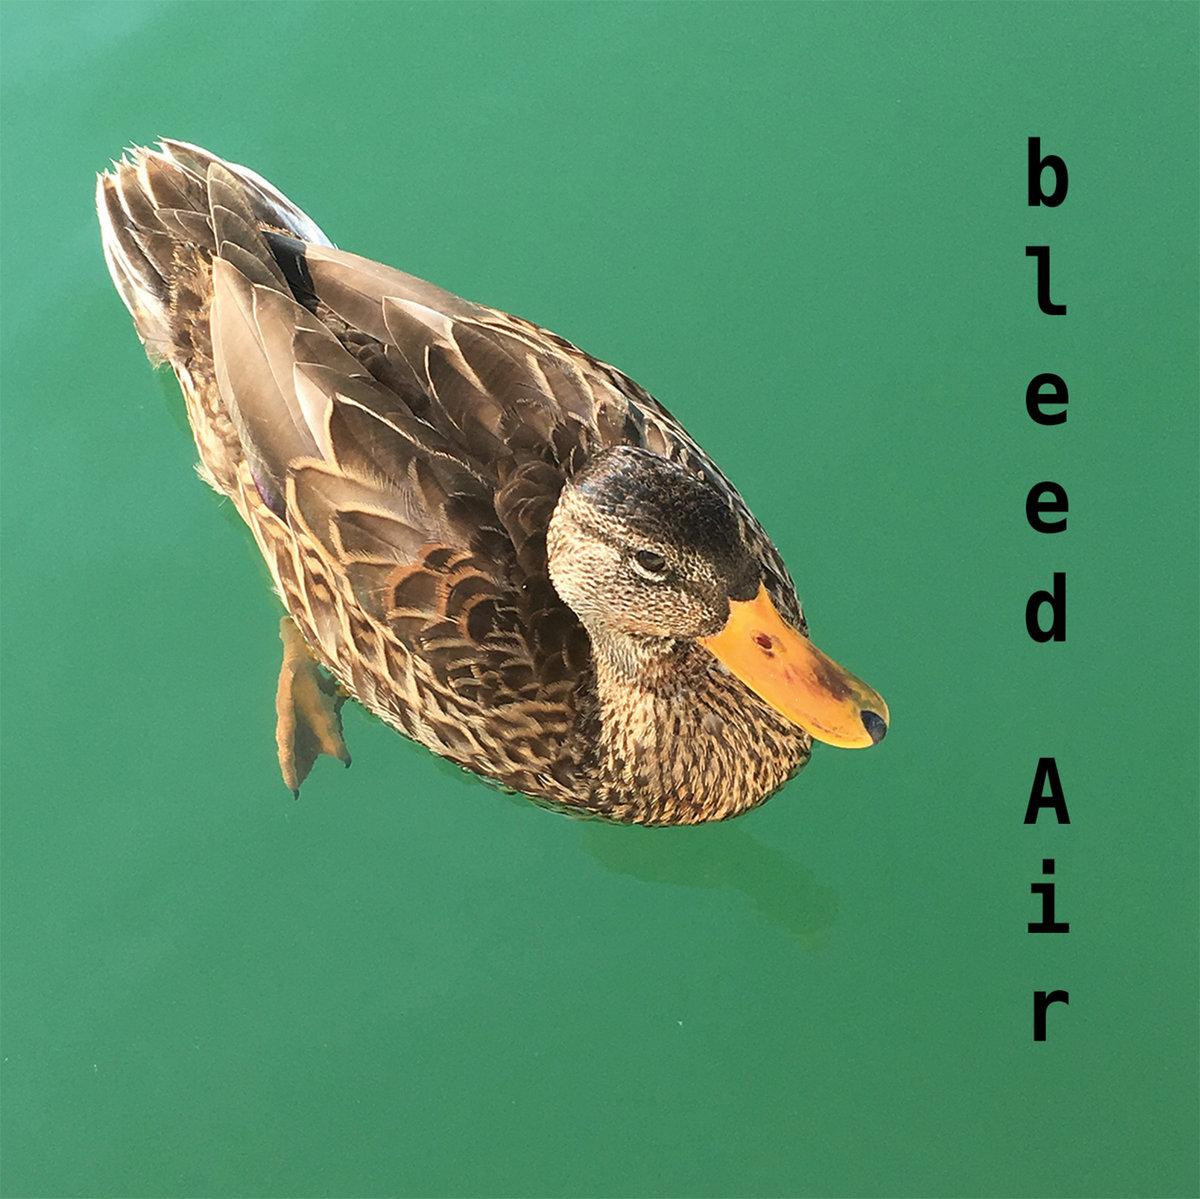 bleed Air – s/t